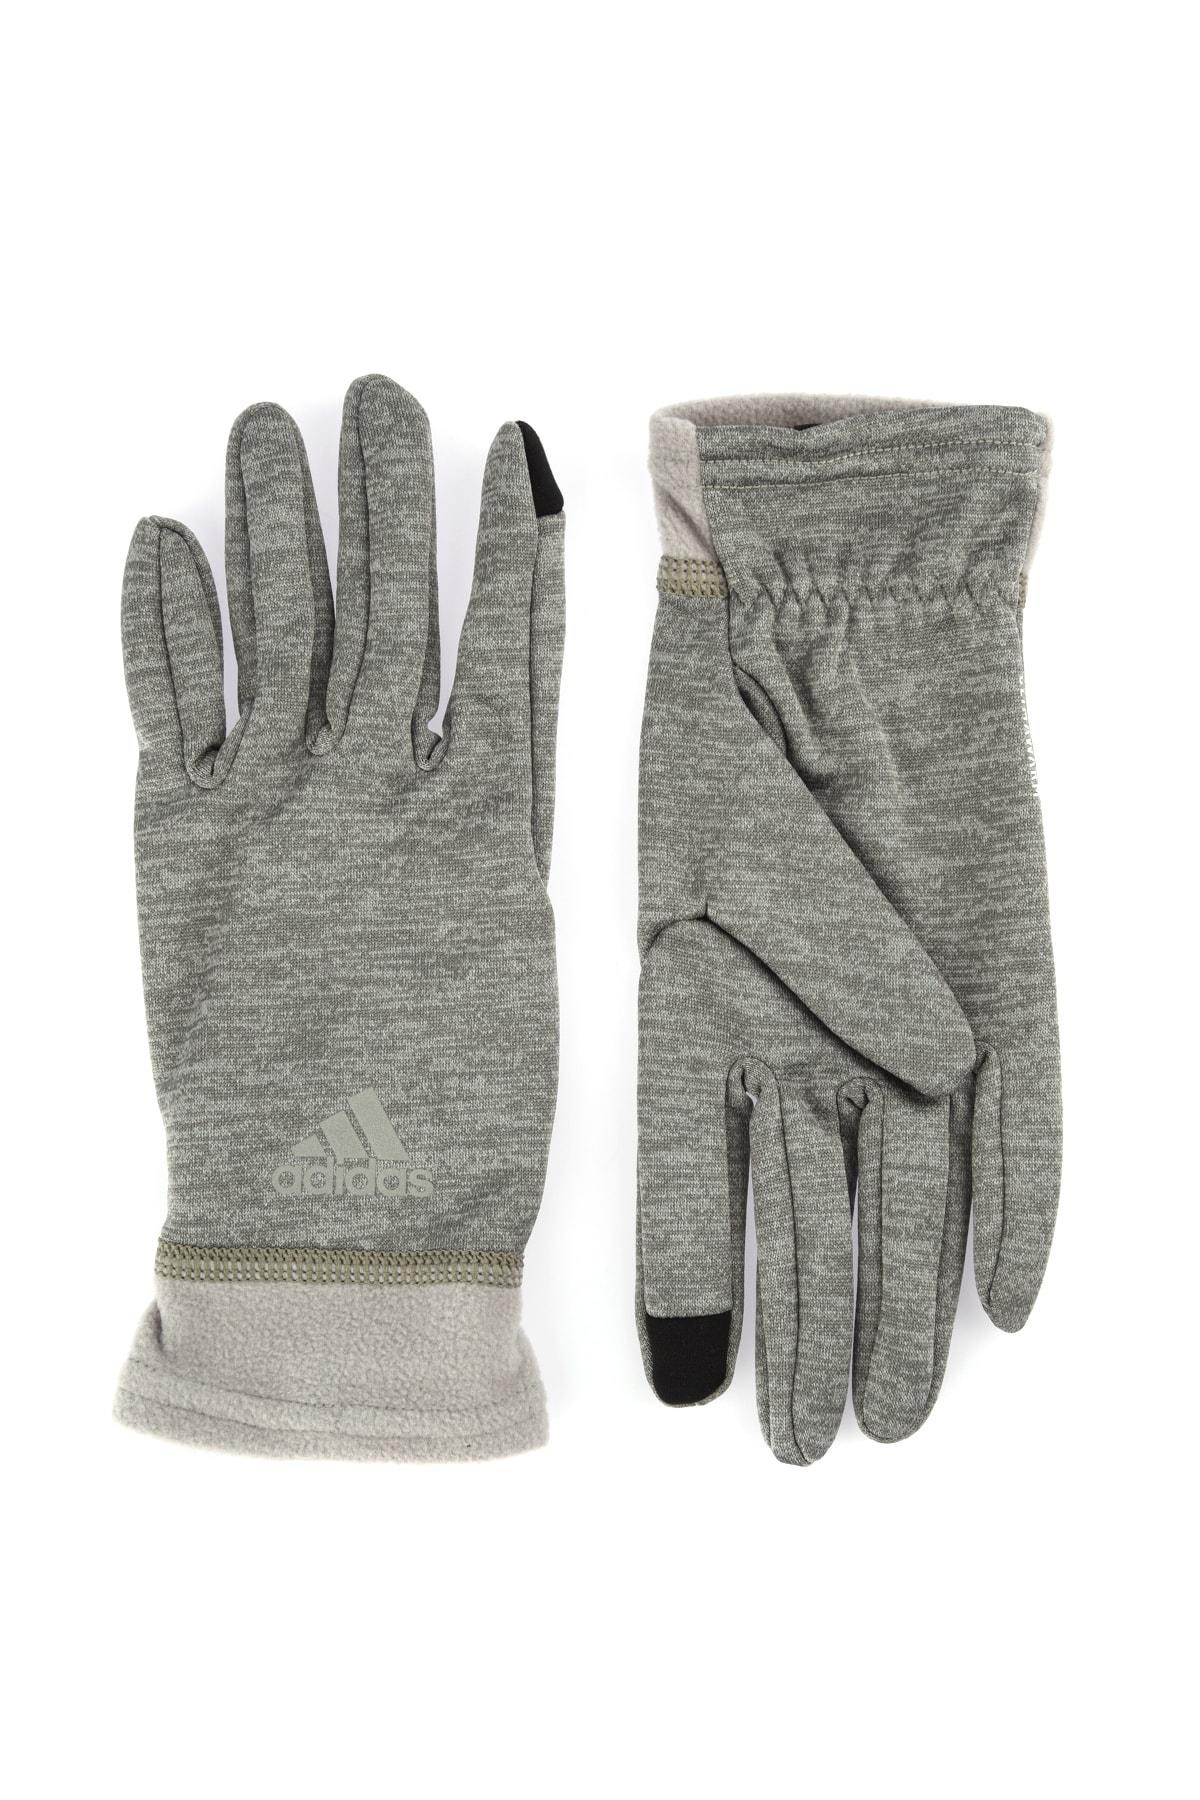 adidas Unisex Eldiven - Clmwm Glove - DM4413 1